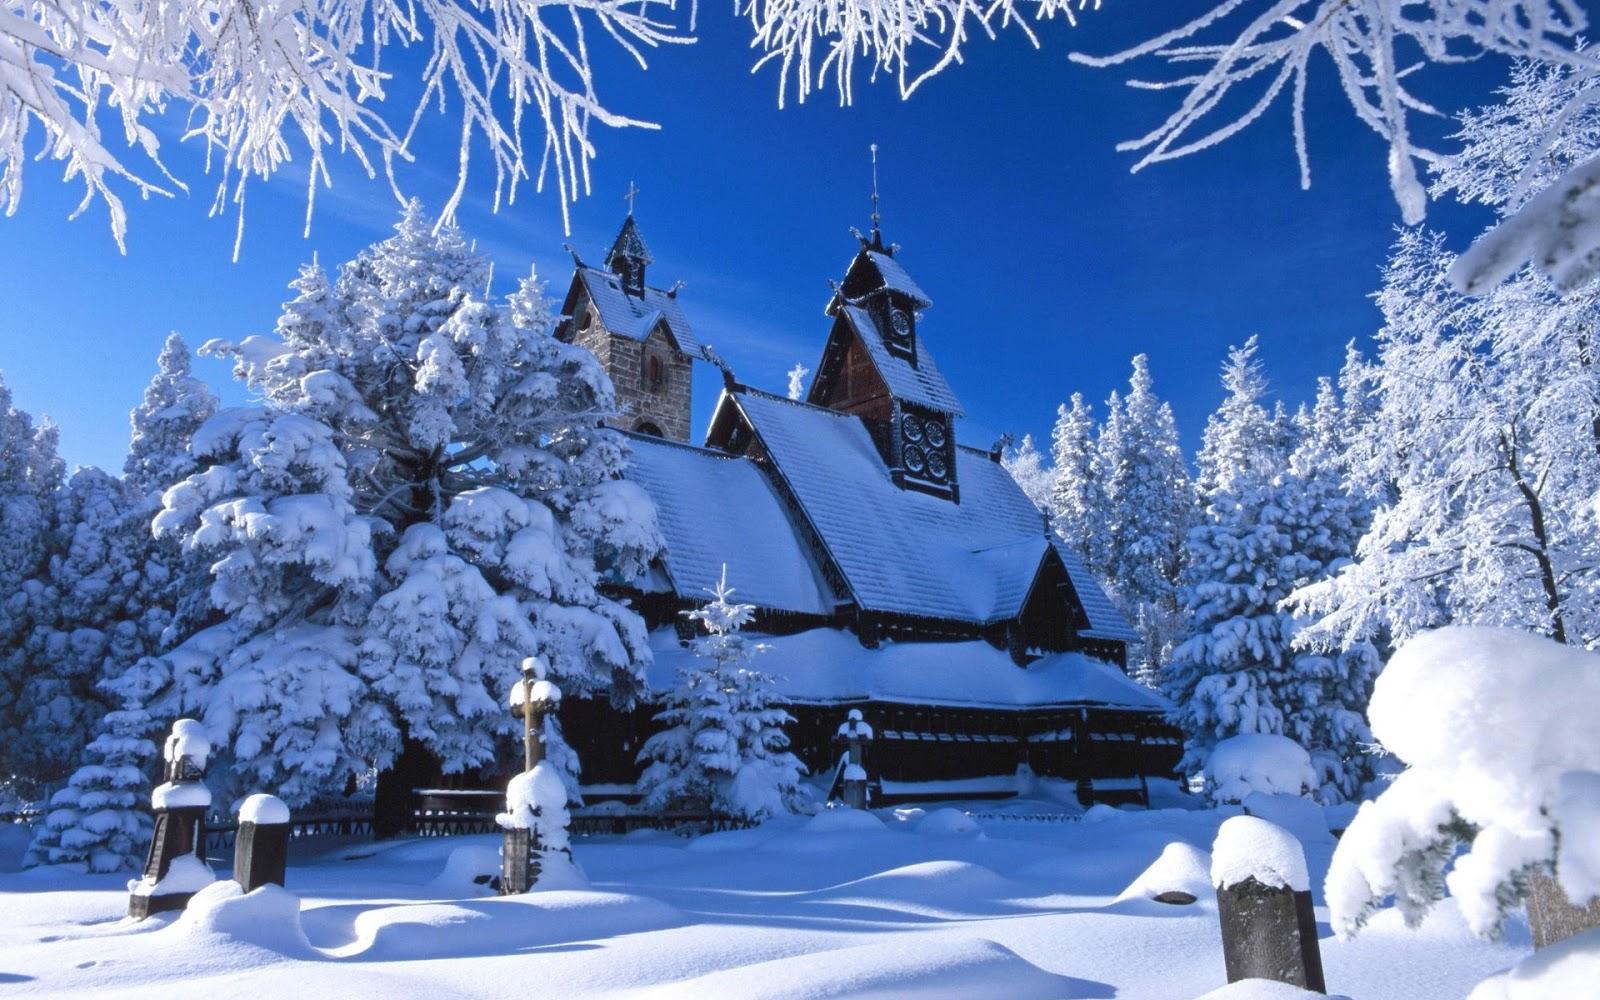 HD WALLPAPERS Winter widescreen nature HD wallpaper 1920 x 1200 1600x1000